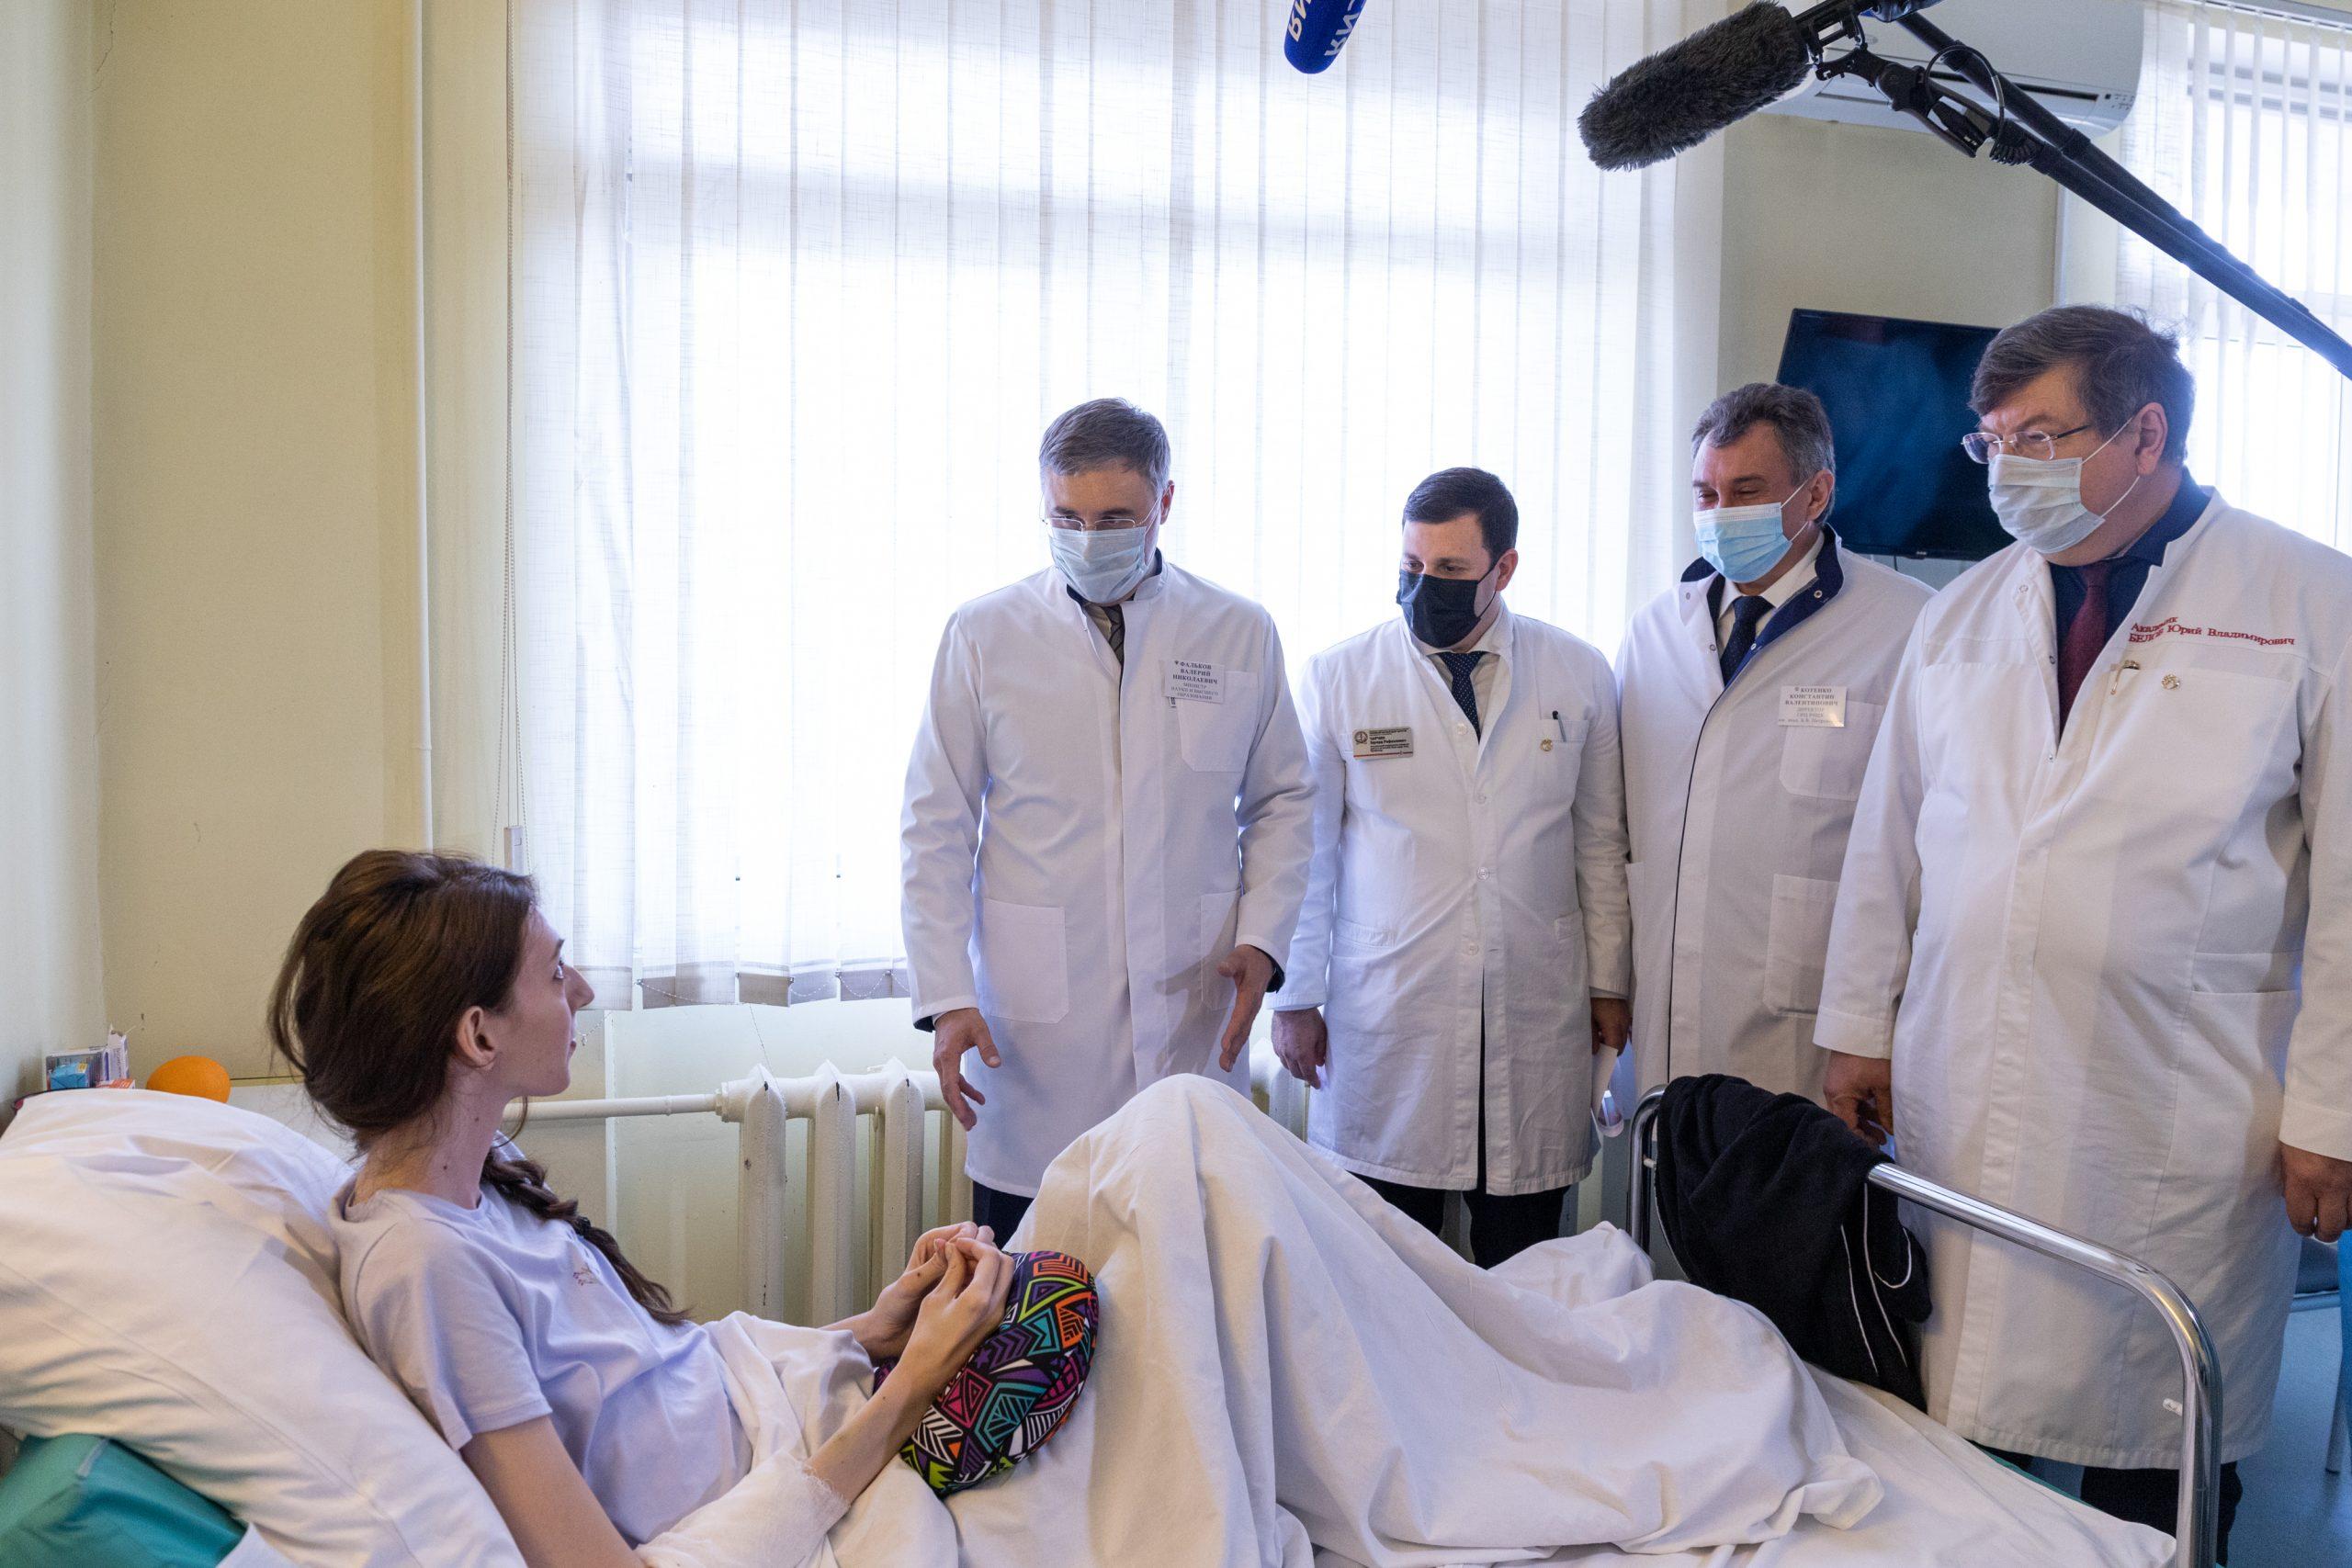 Валерий Фальков открыл Школу надлежащей хирургической практики